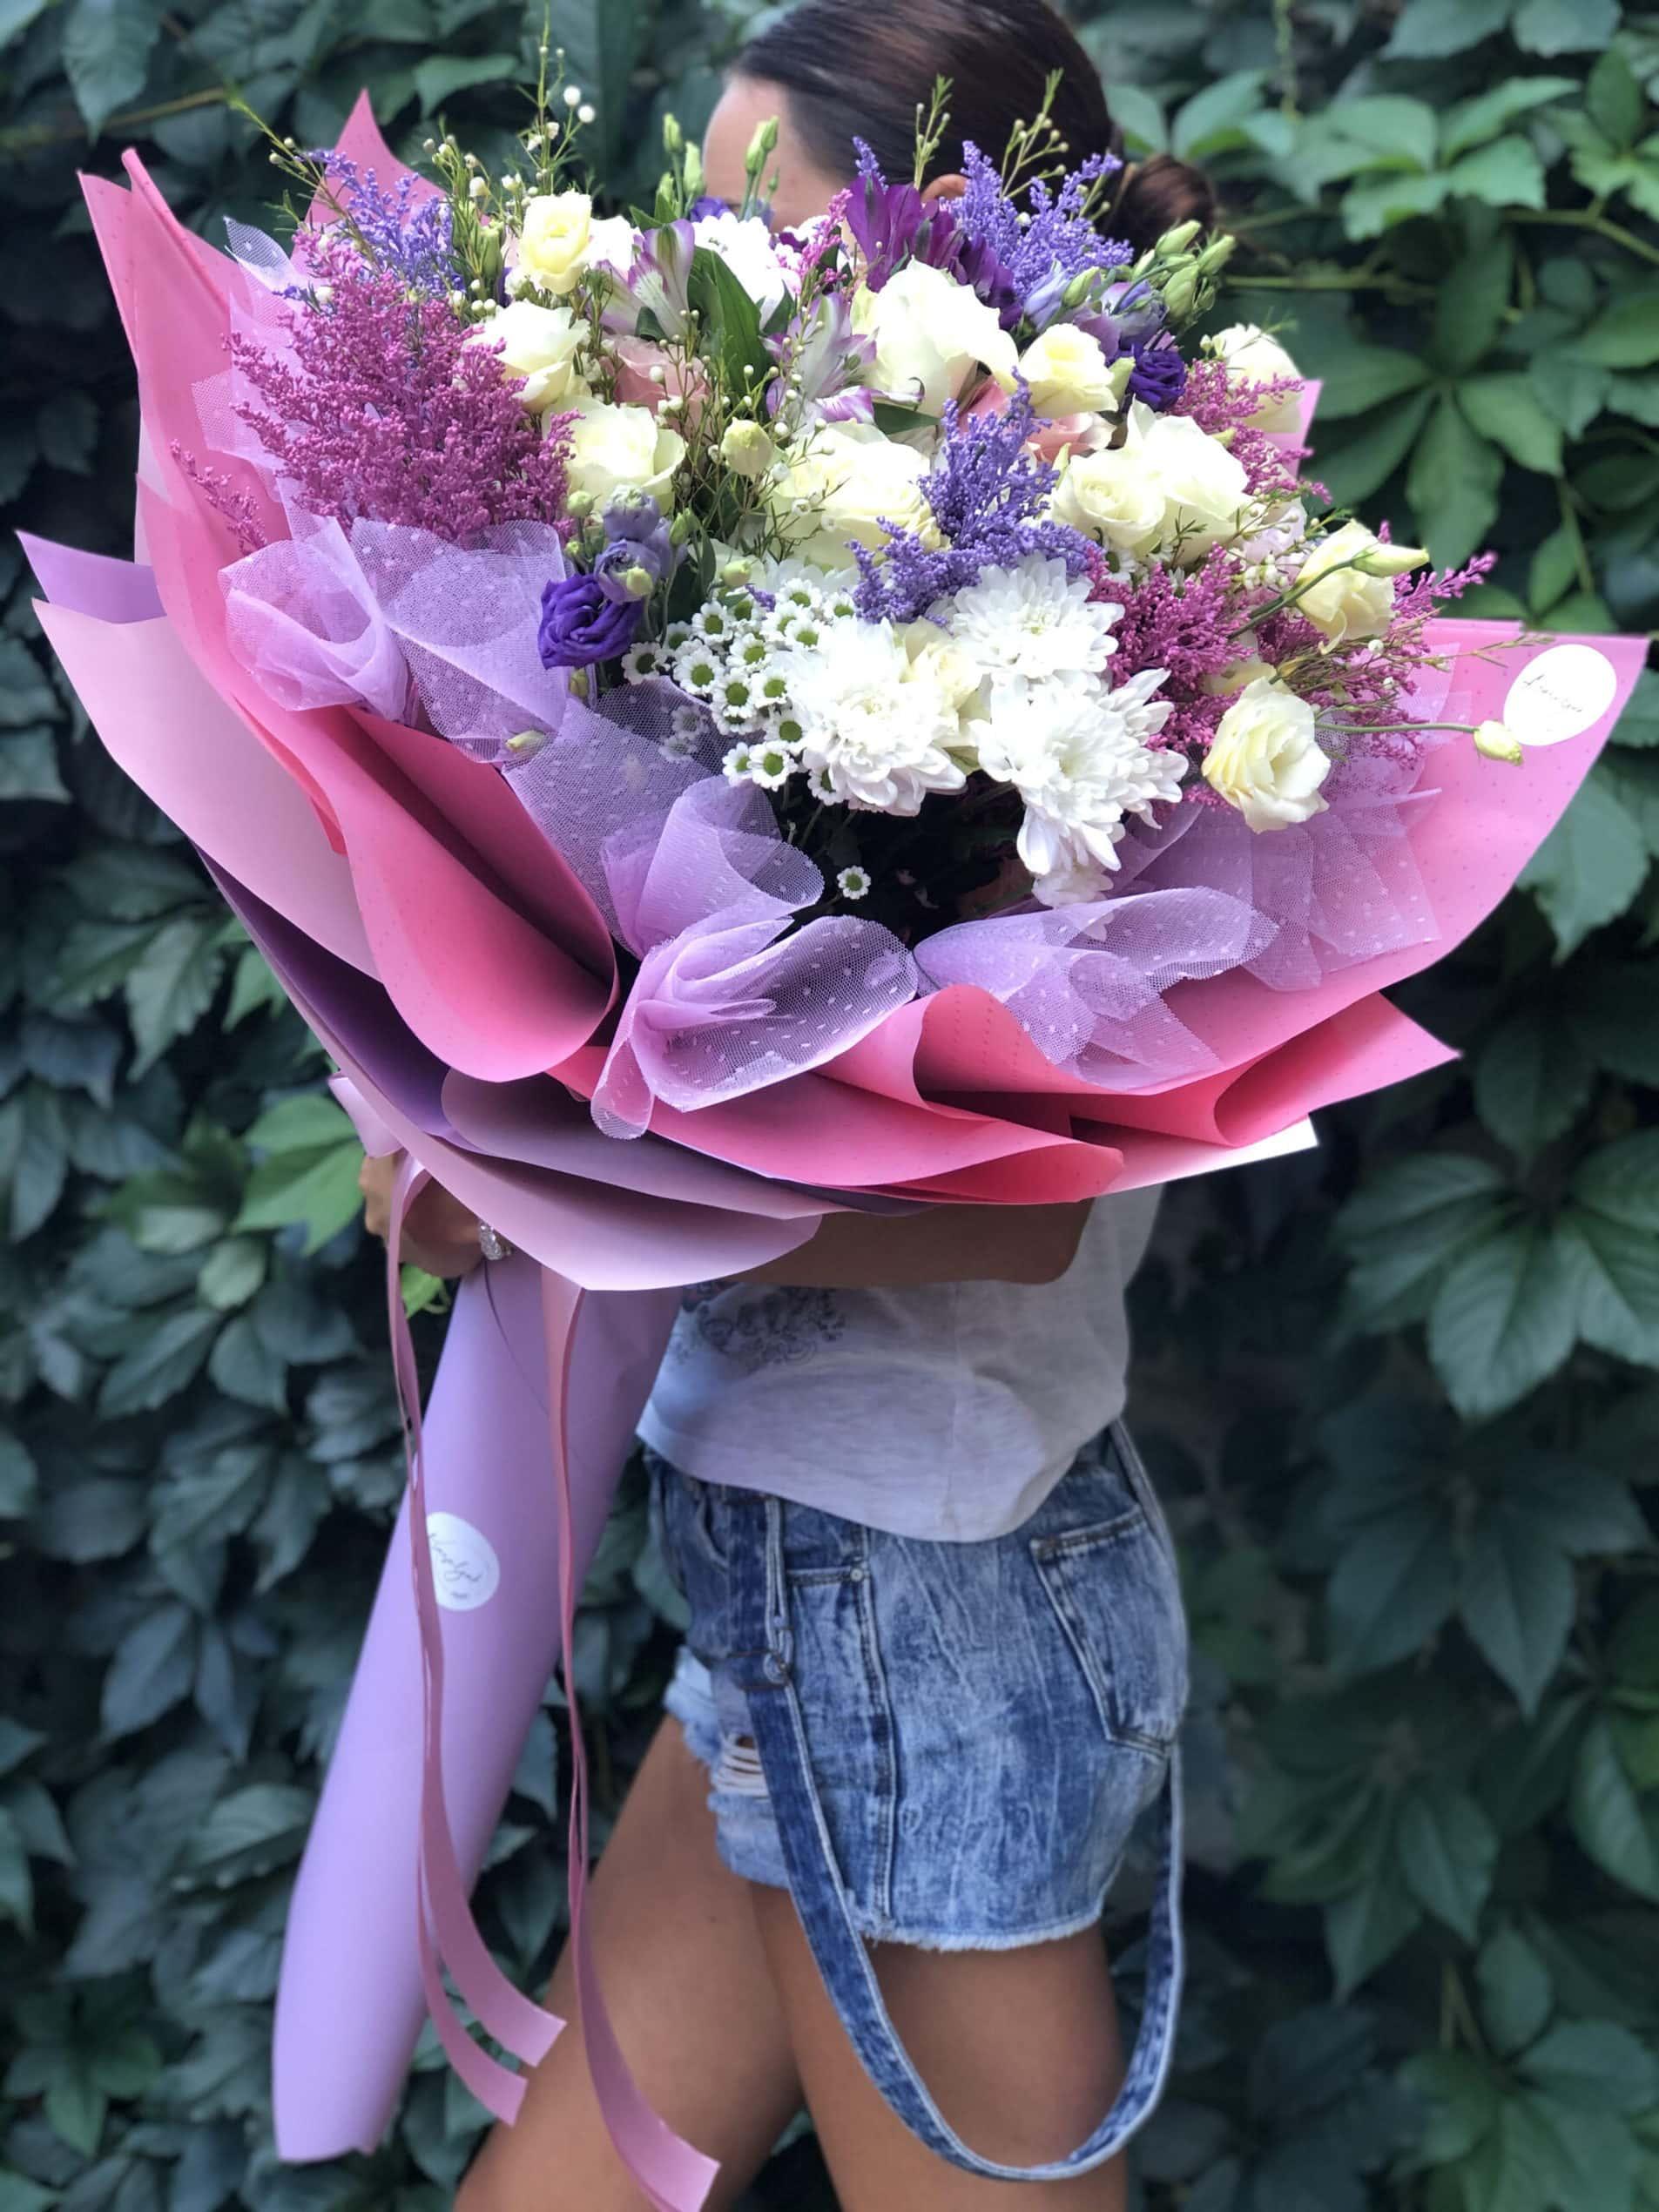 Cveće - buket cveća u mat rozom papairu